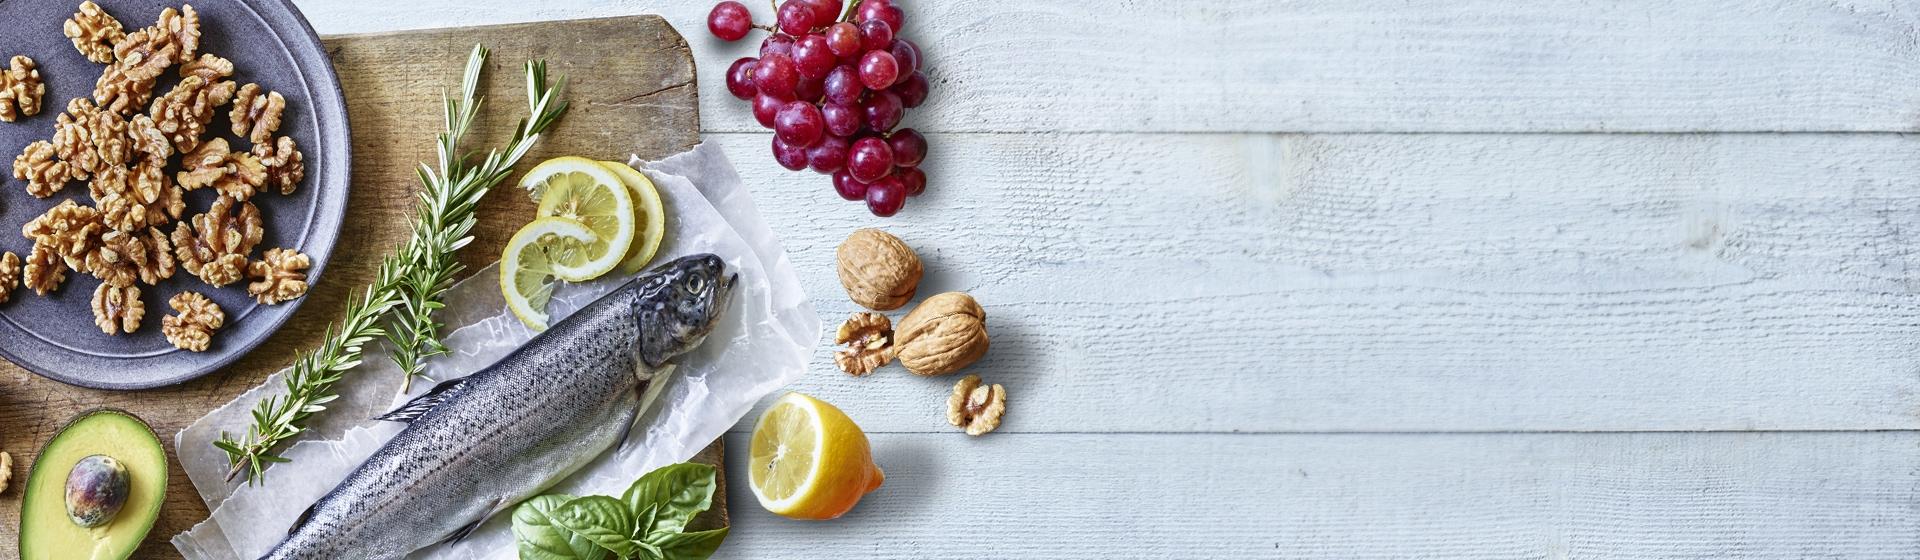 Mediterranean Diet Slider Walnuts